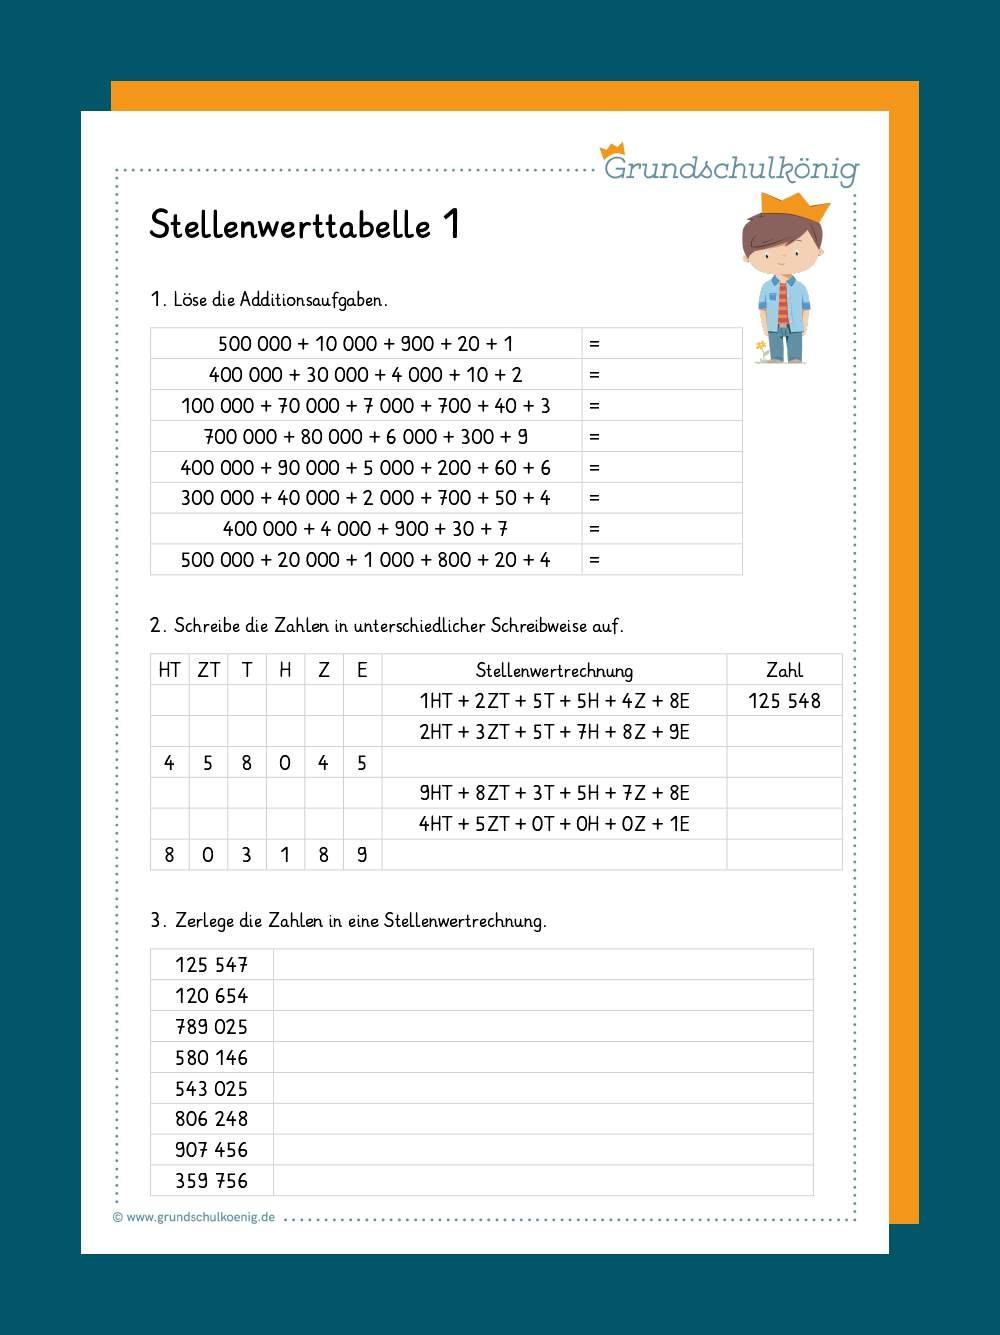 Stellenwerttabelle, Zahlenstrahl